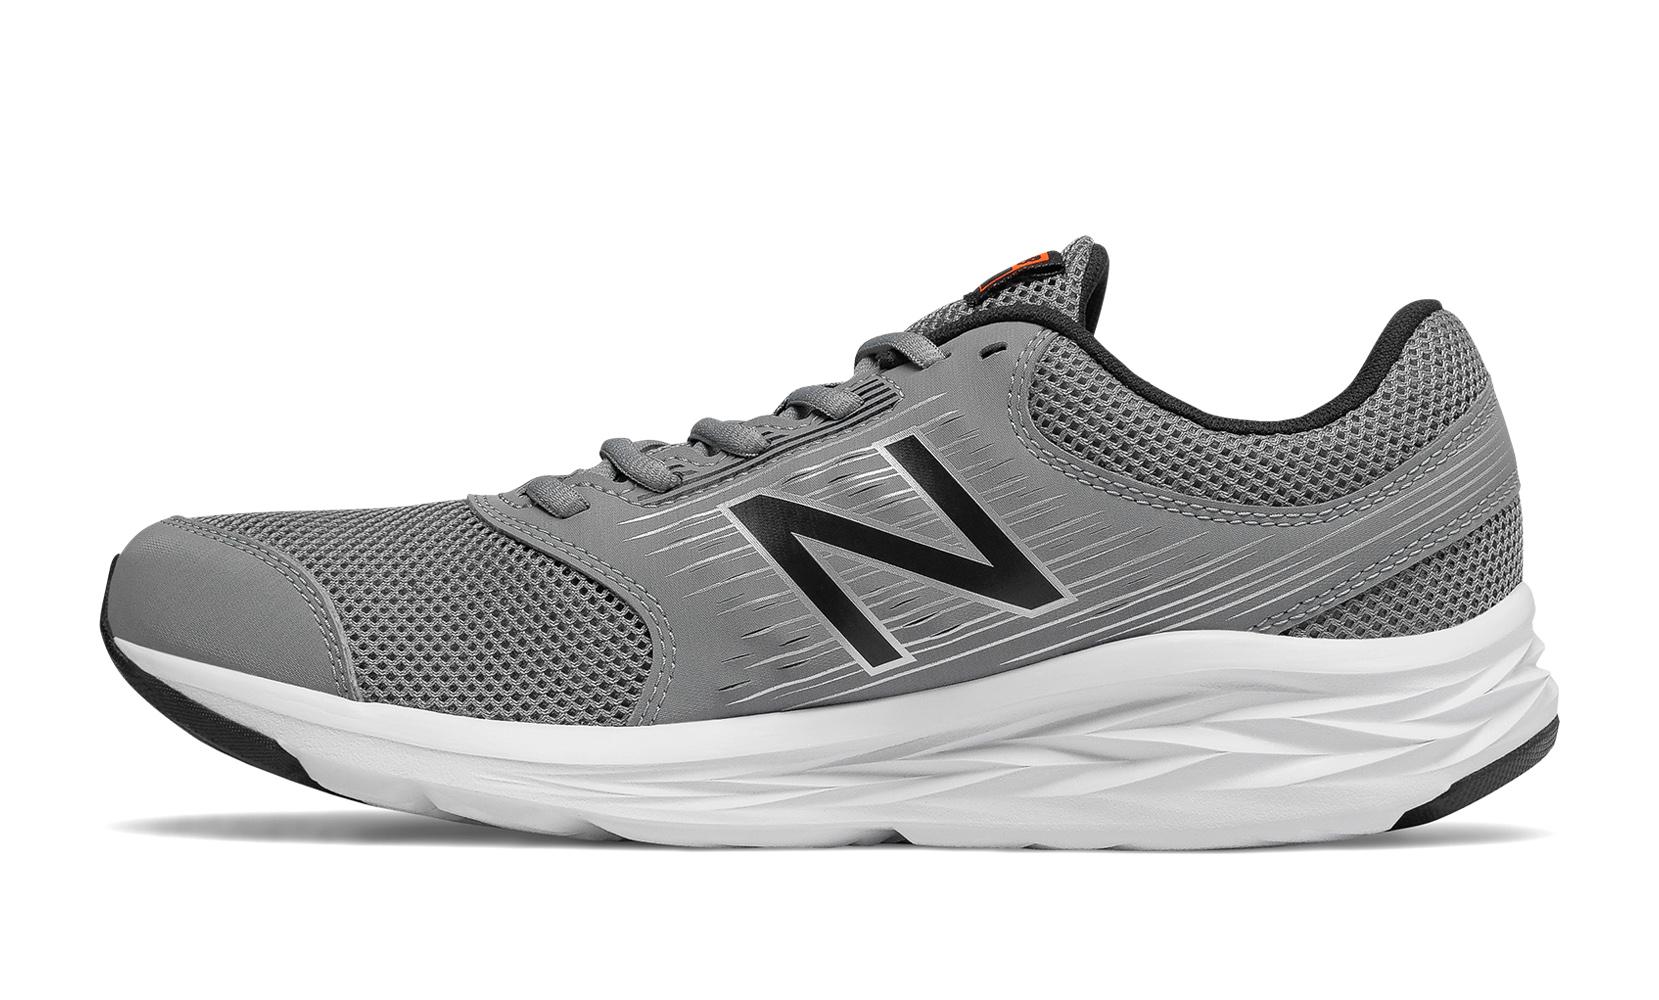 Чоловіче взуття для тренувань New Balance 411 TechRide v1 M411LG1 | New Balance